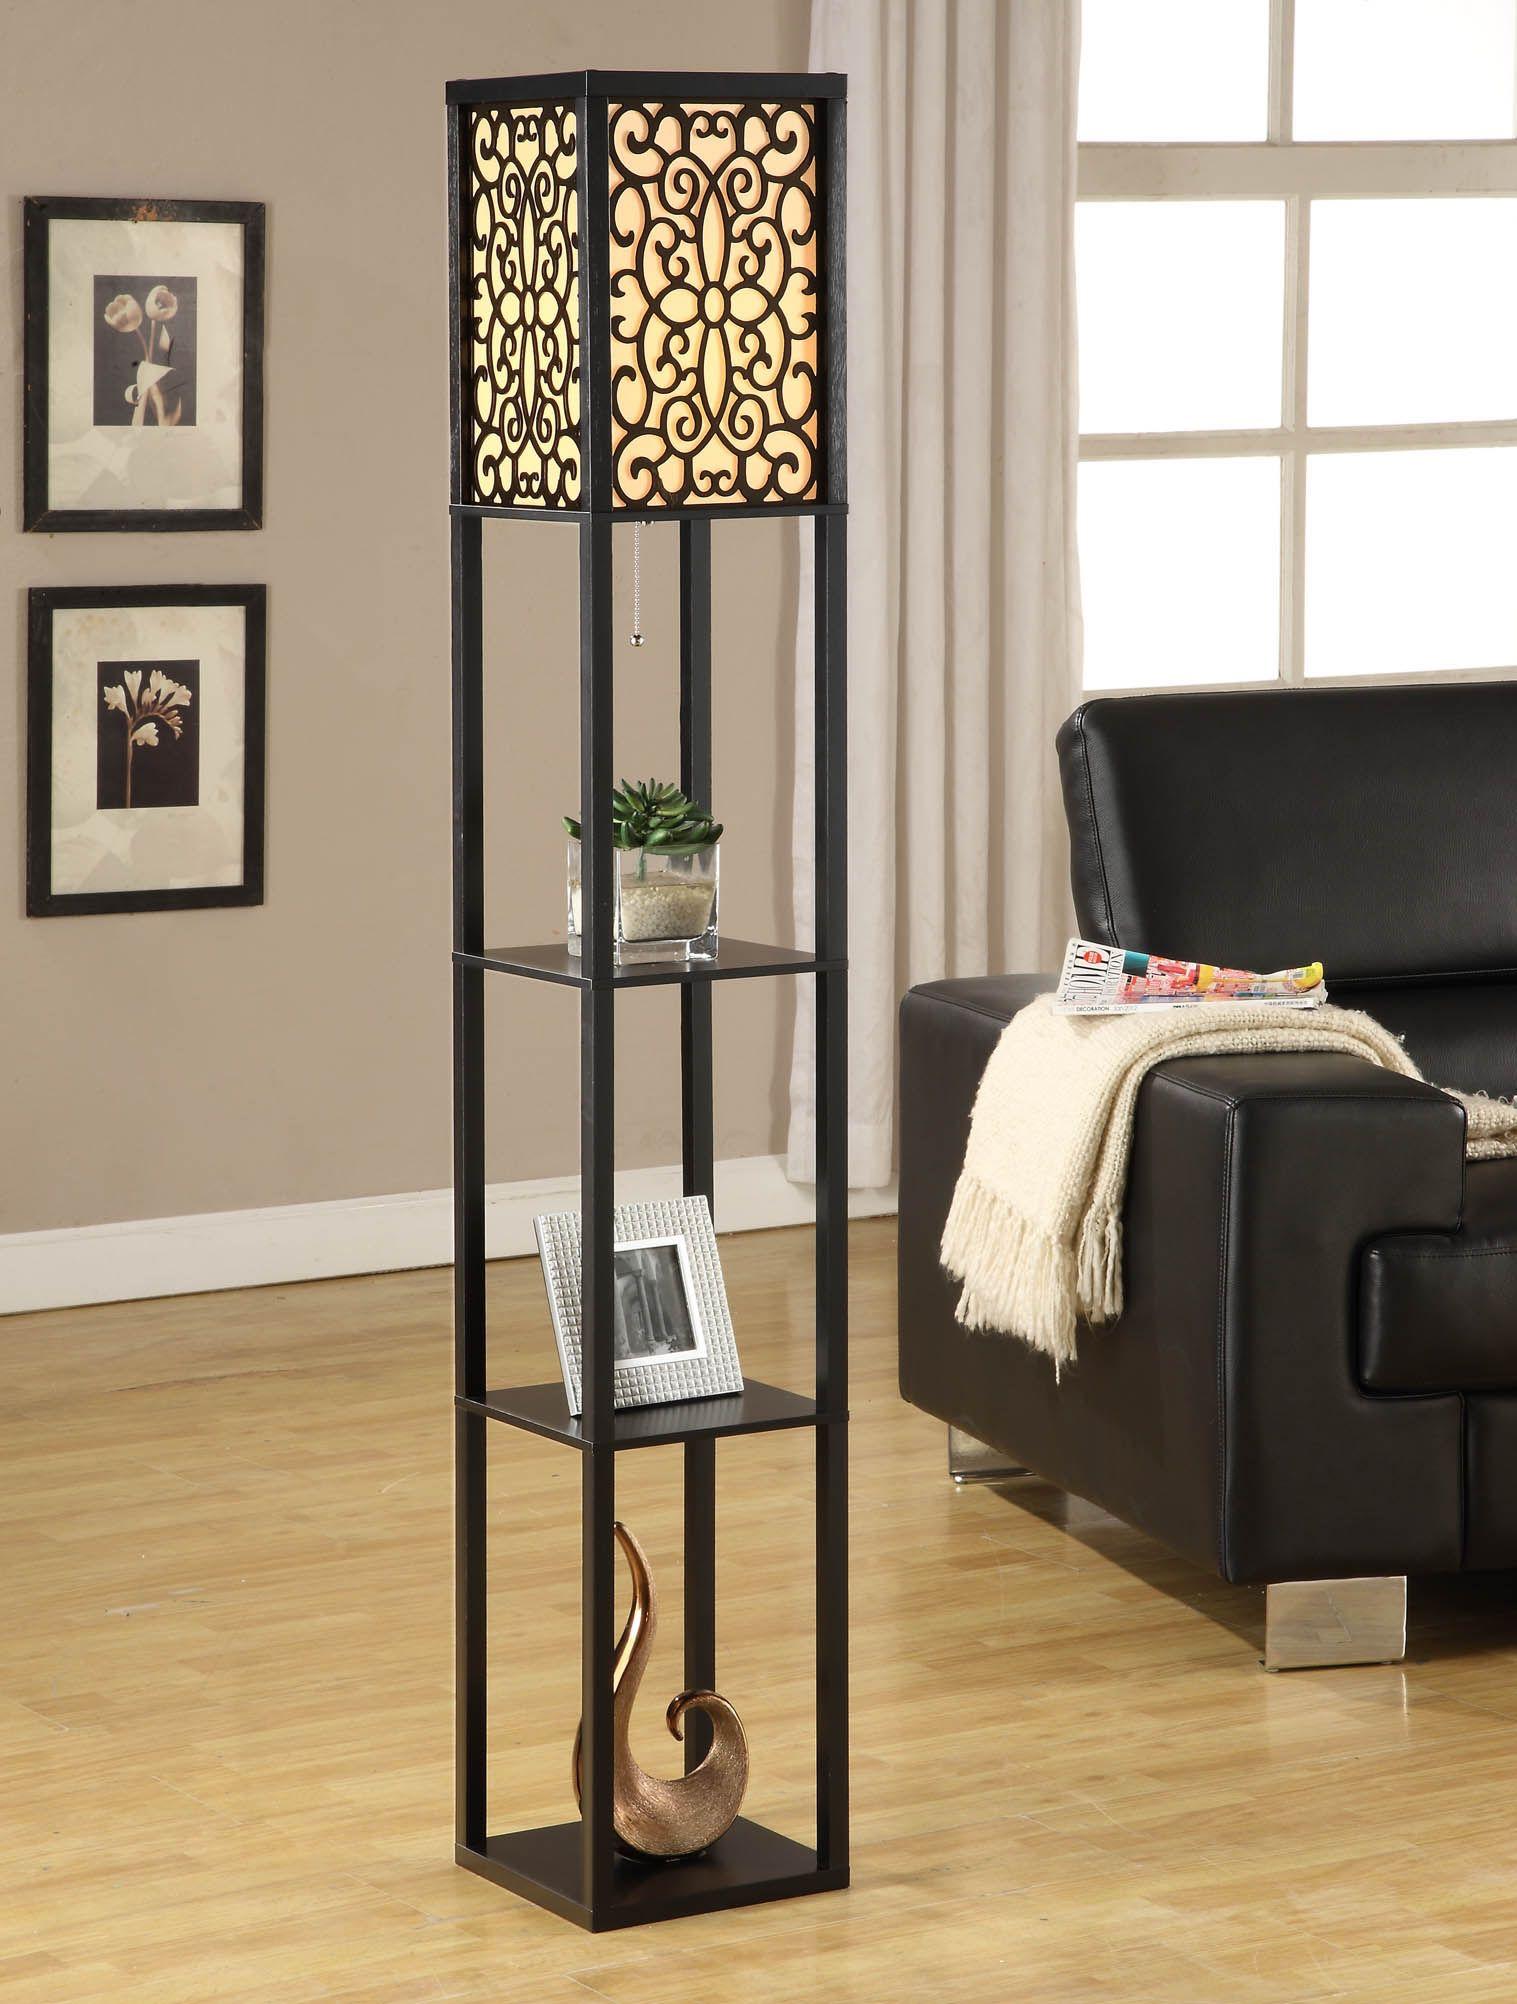 Kirkland S Floor Lamp With Shelves Floor Lamps Living Room Floor Lamp Bedroom